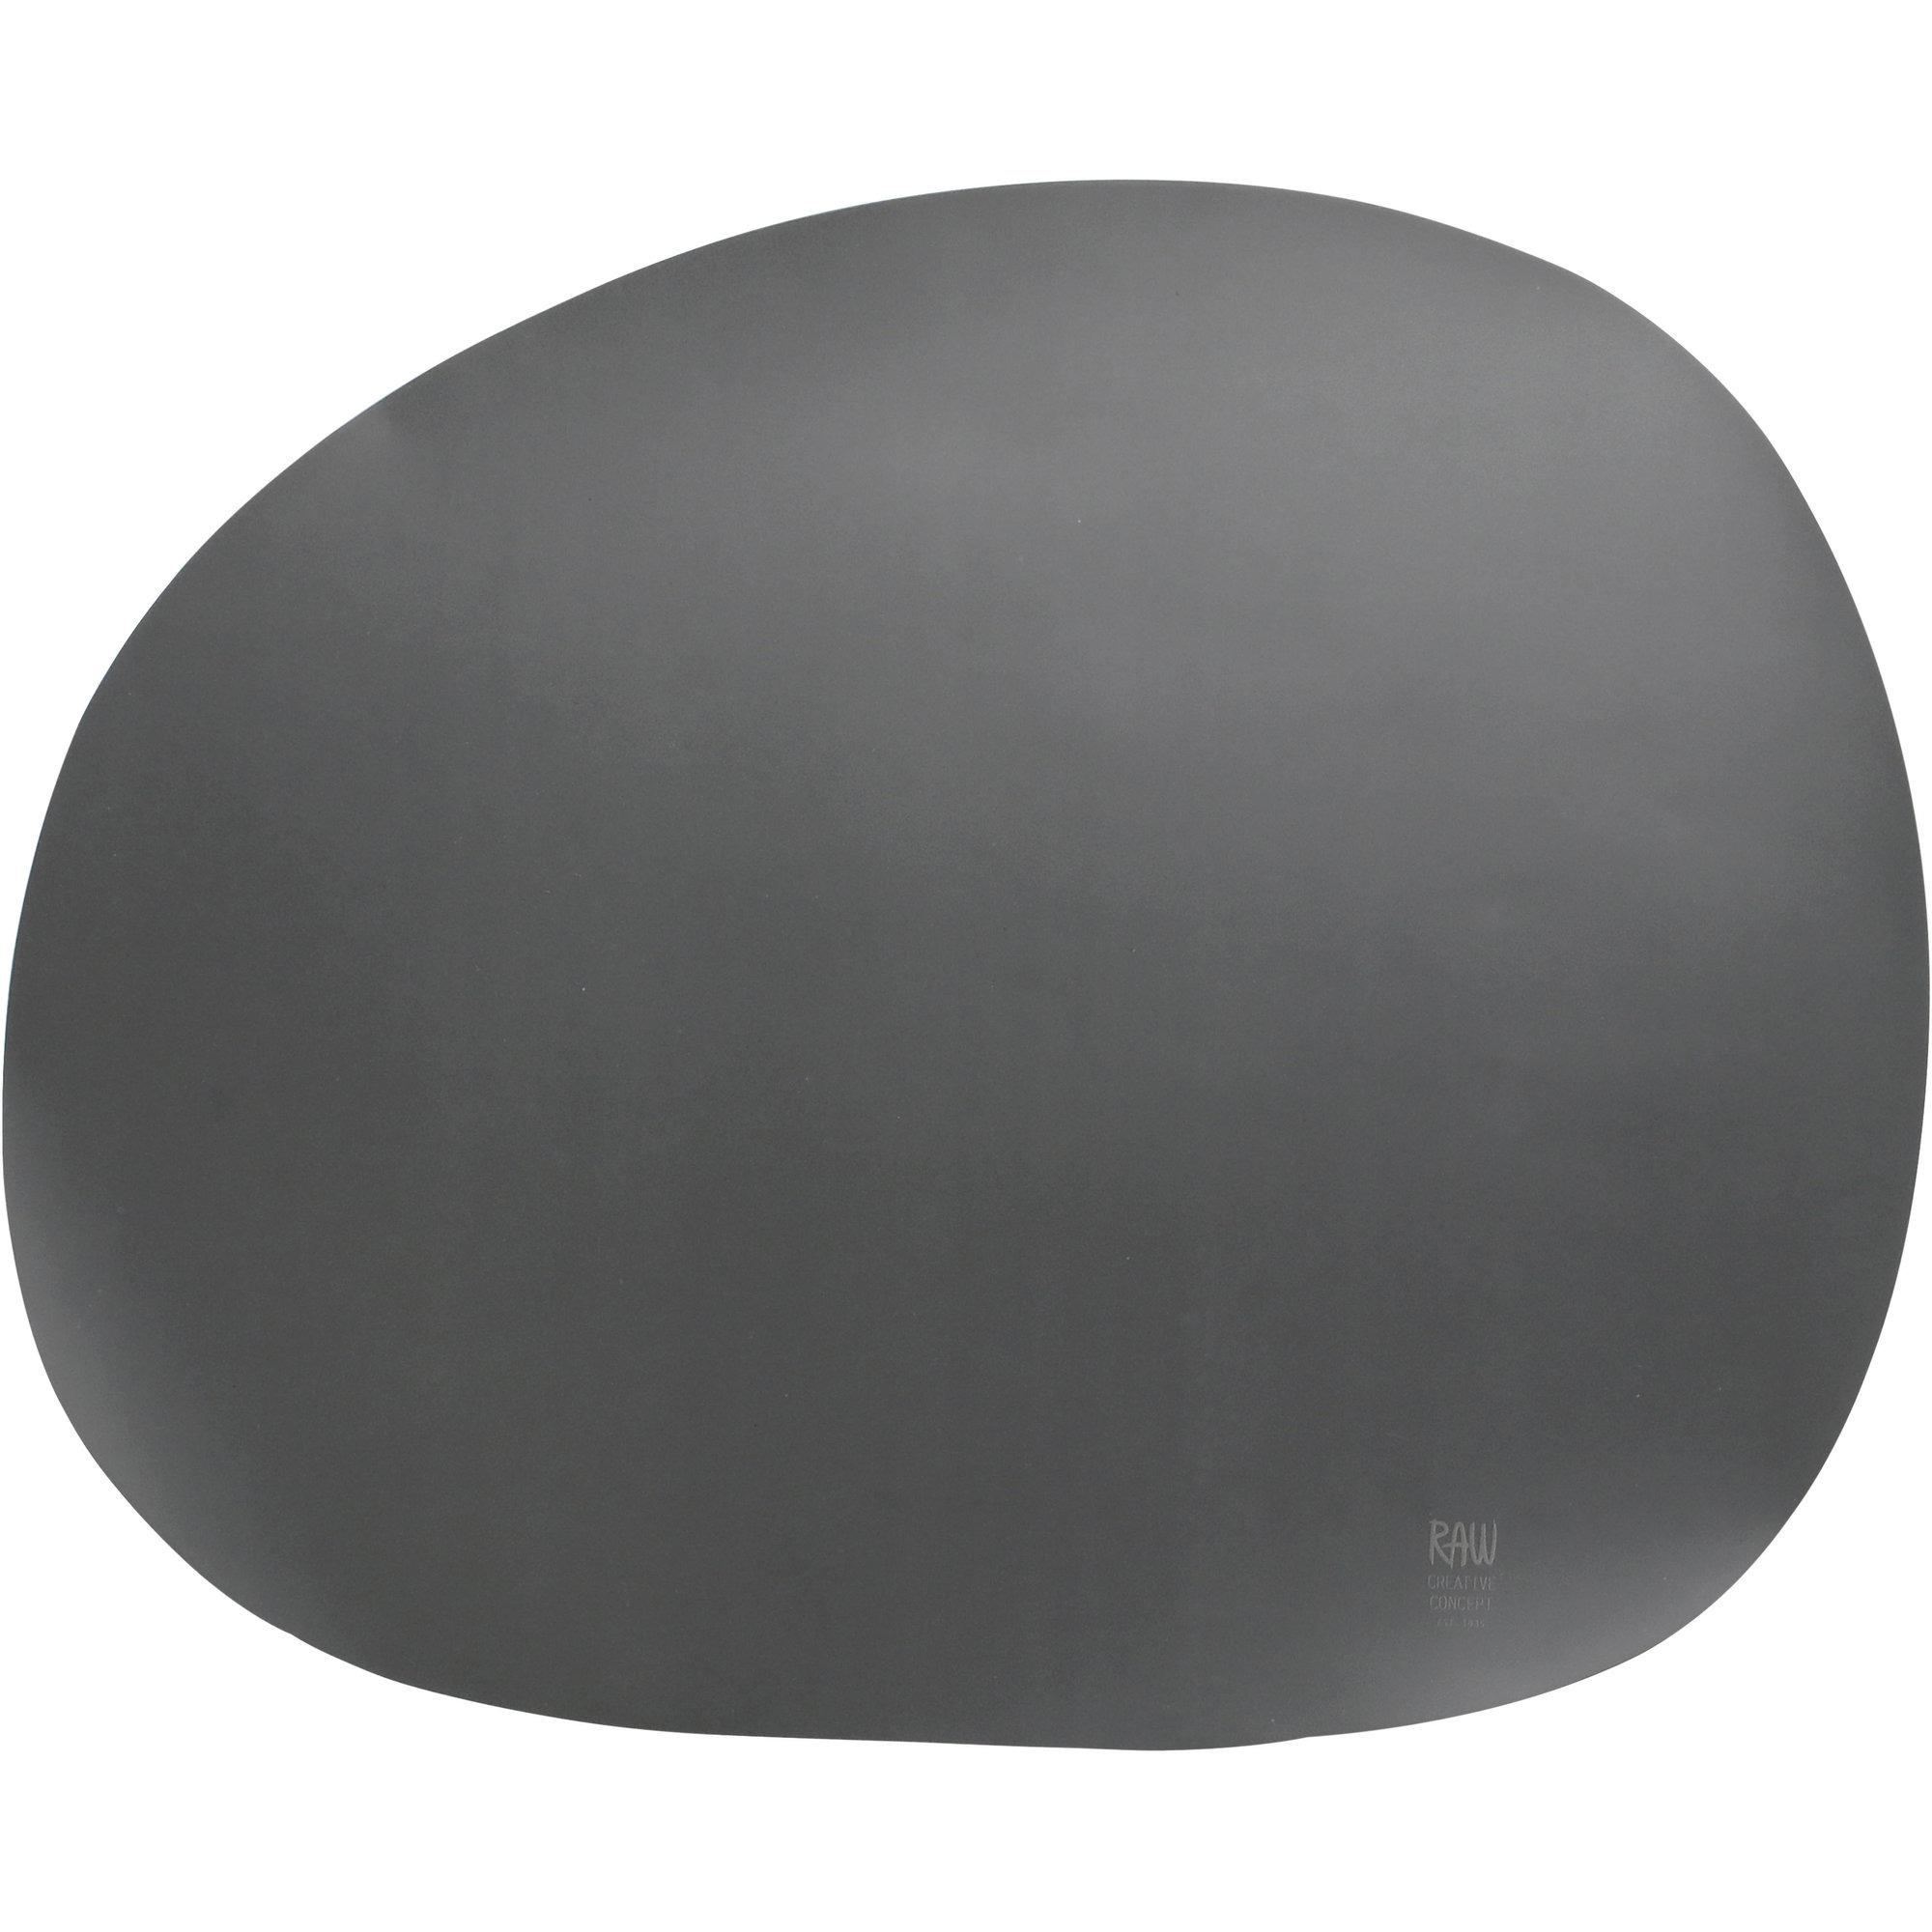 Aida Bordsunderlägg Grå 41 x 335 cm